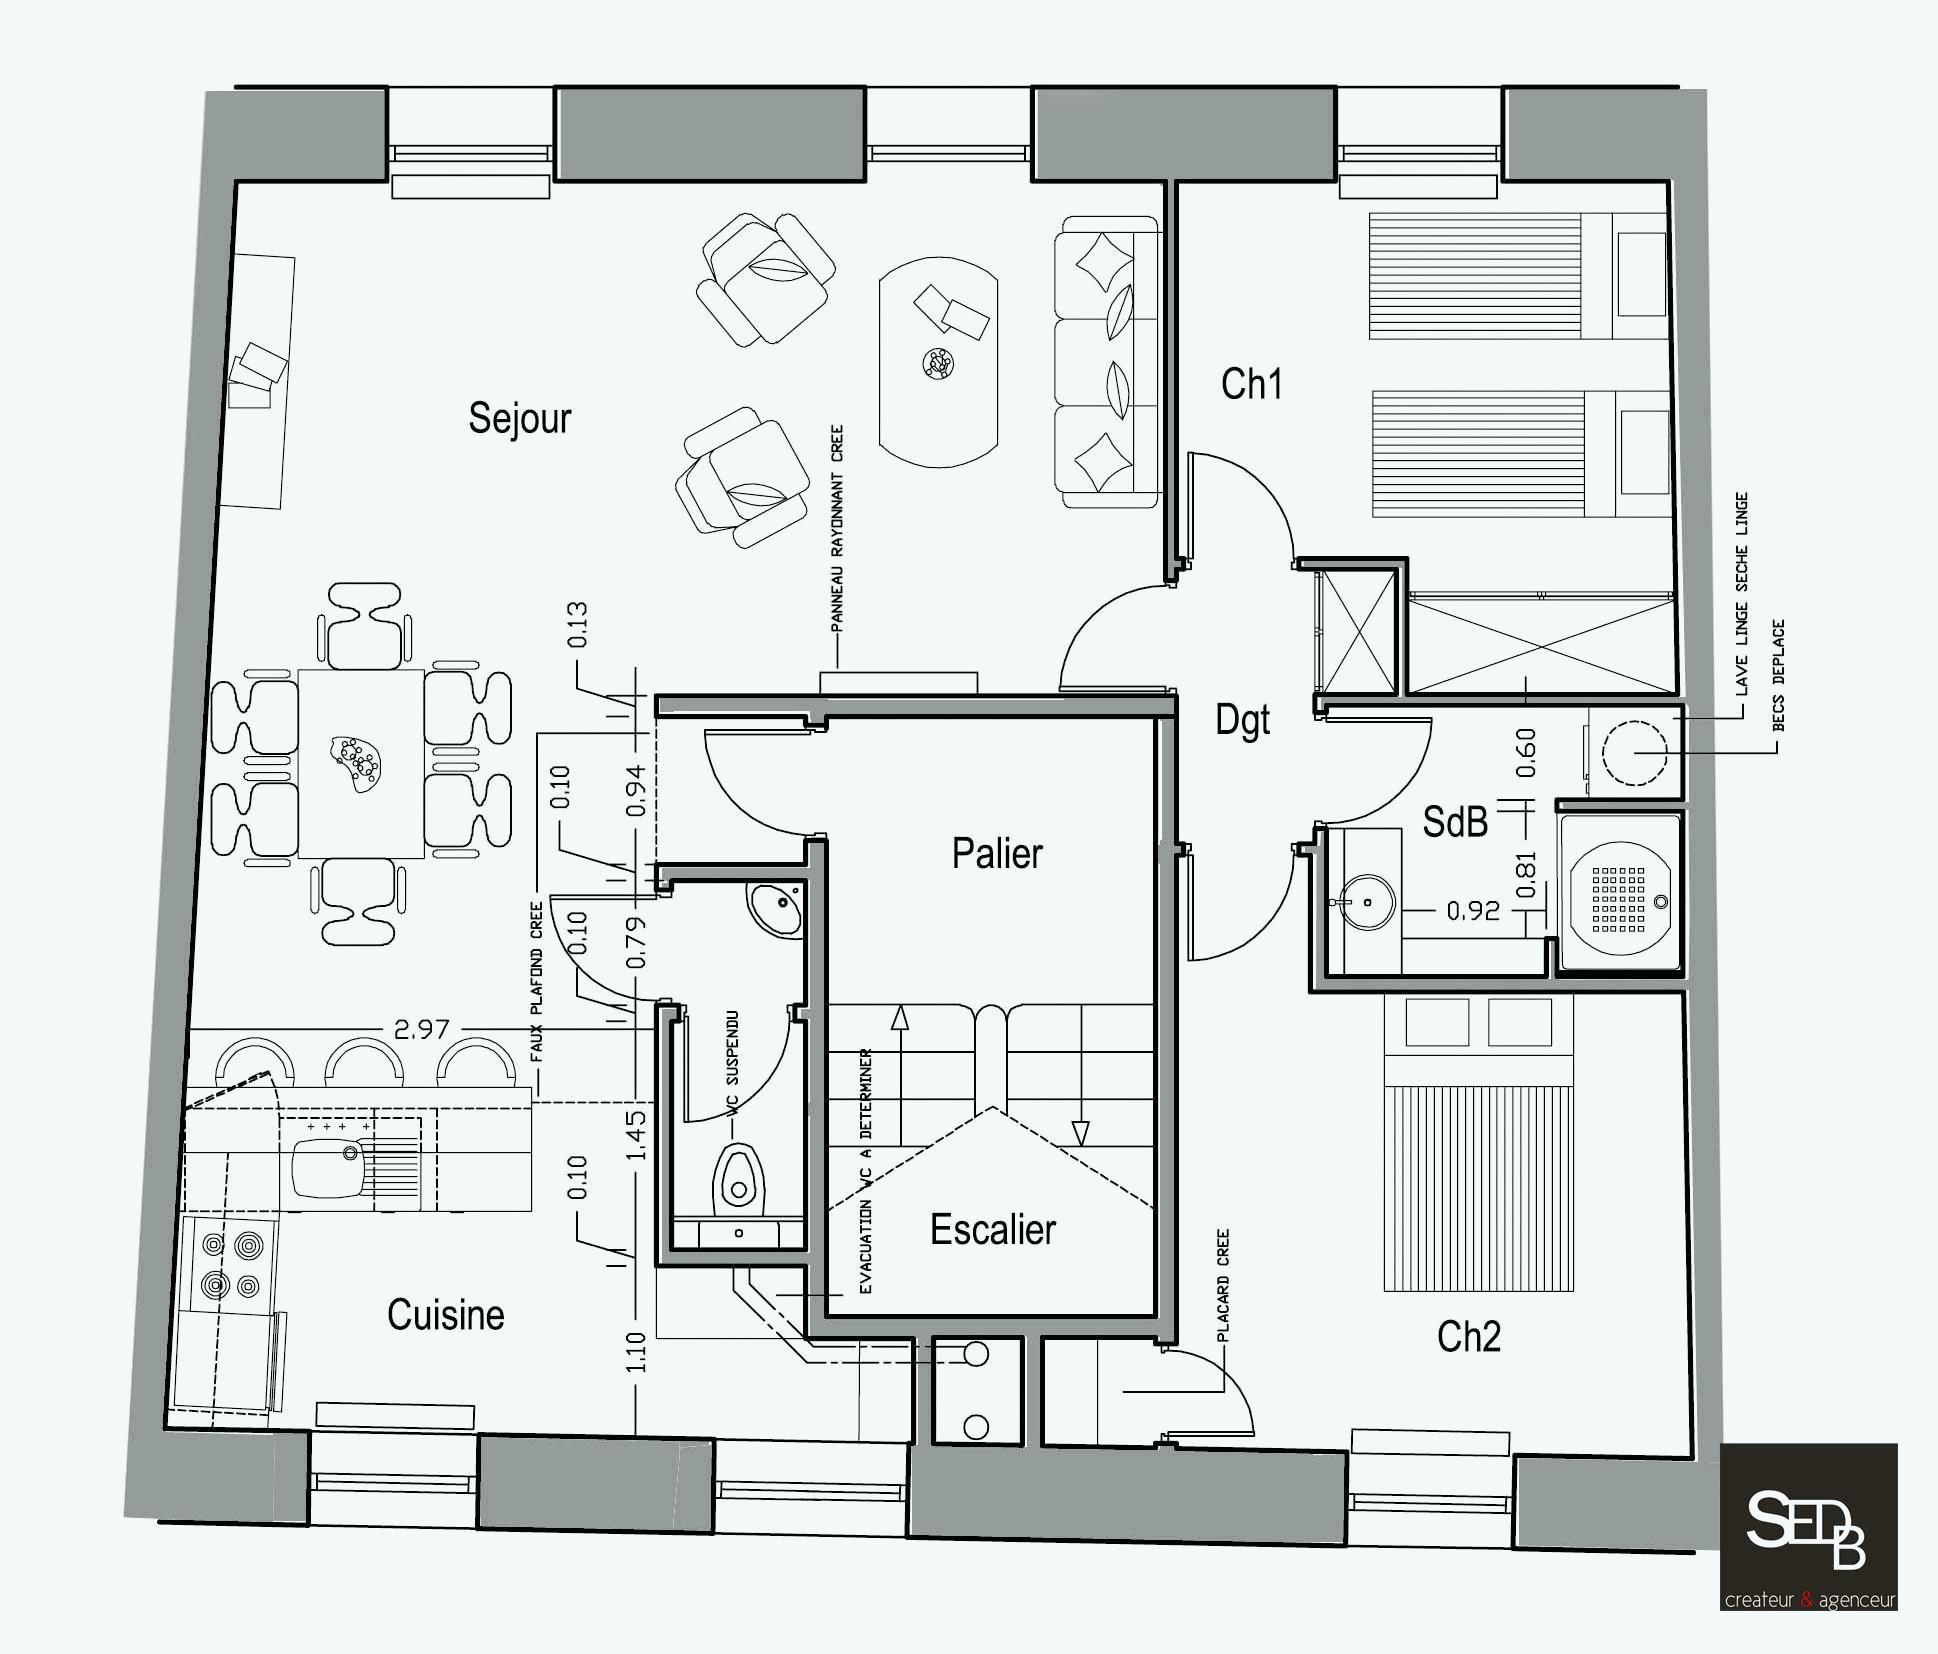 Meilleur logiciel plan de maison 3d id es de travaux - Meilleur logiciel de plan de maison ...